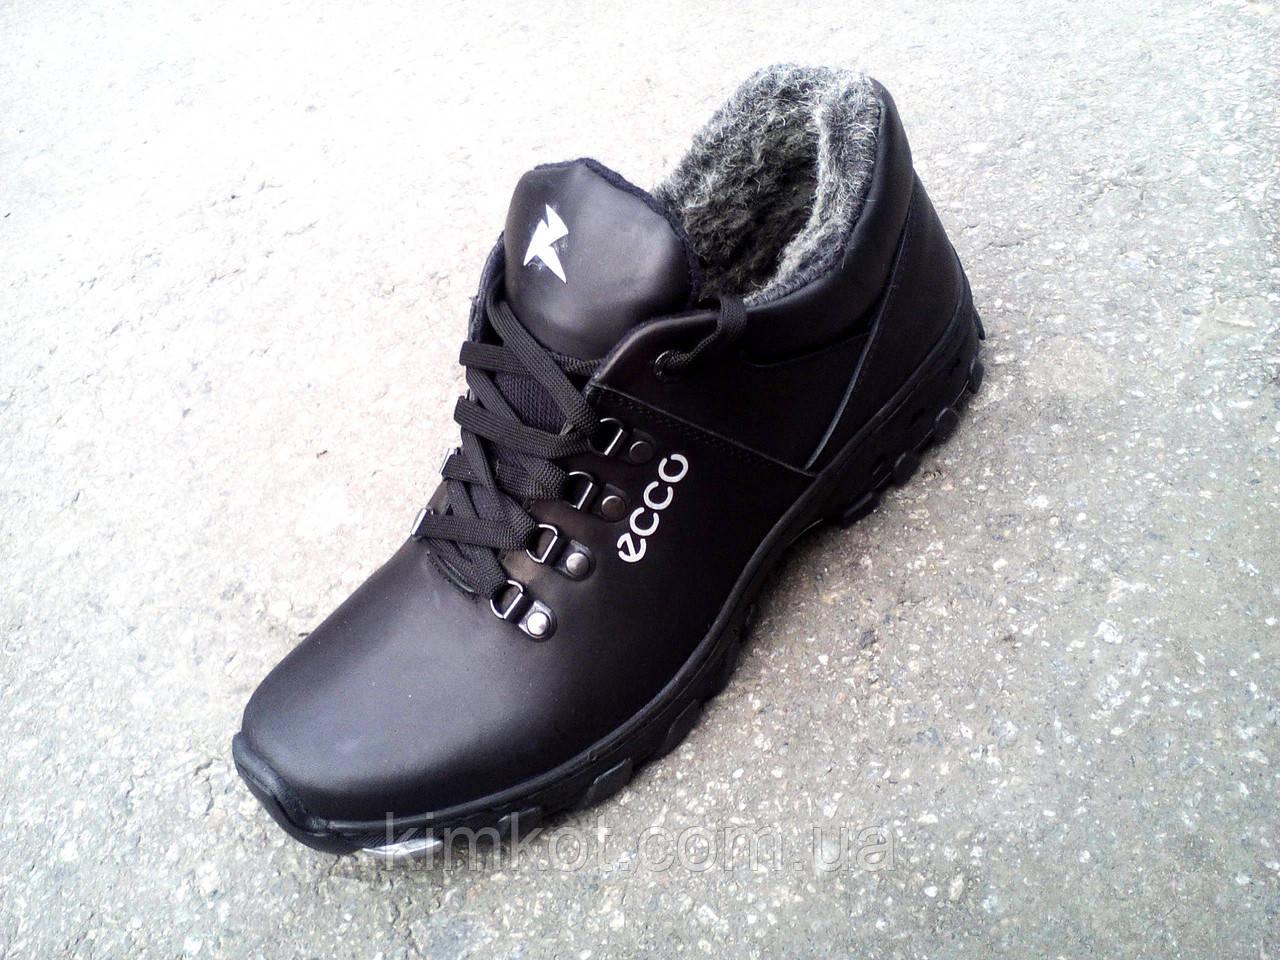 0c313848 Зимние кожаные мужские ботинки Ессо 40-45 р-р, цена 900 грн., купить ...